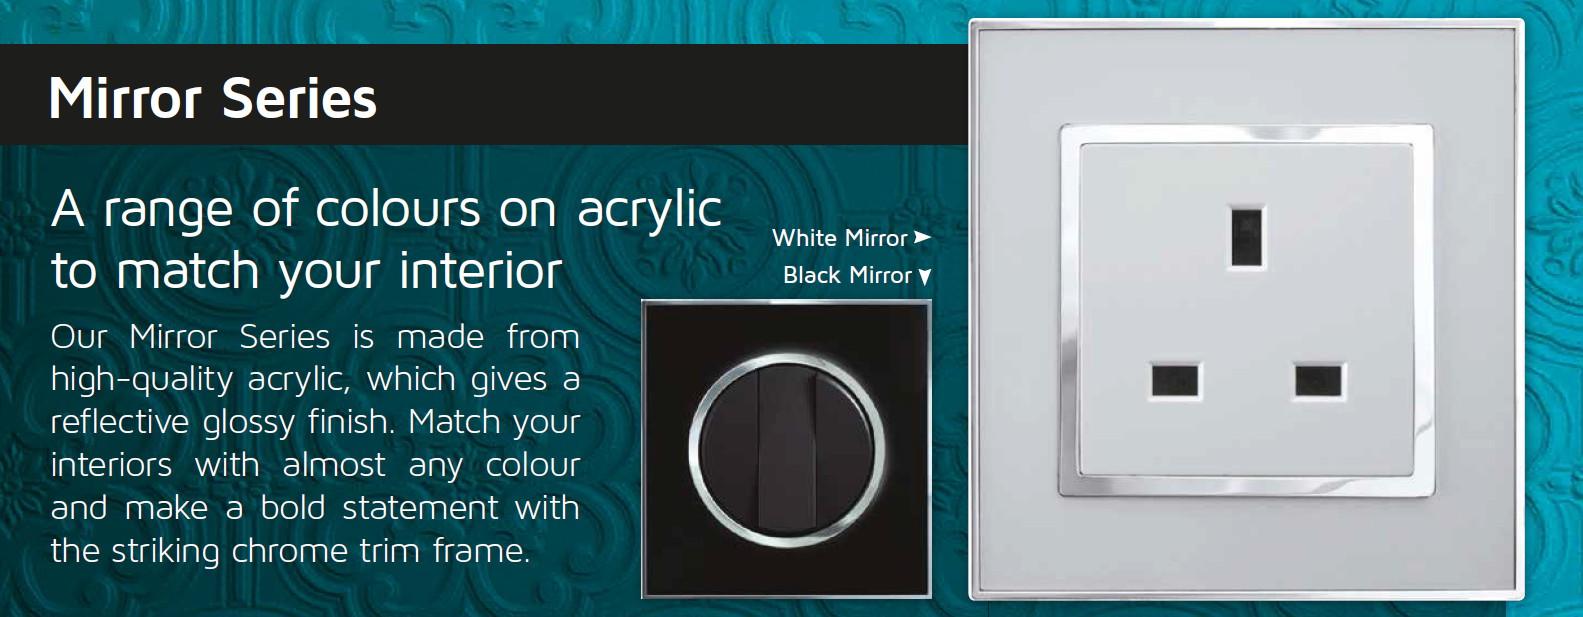 Unique Acrylic Mirror range